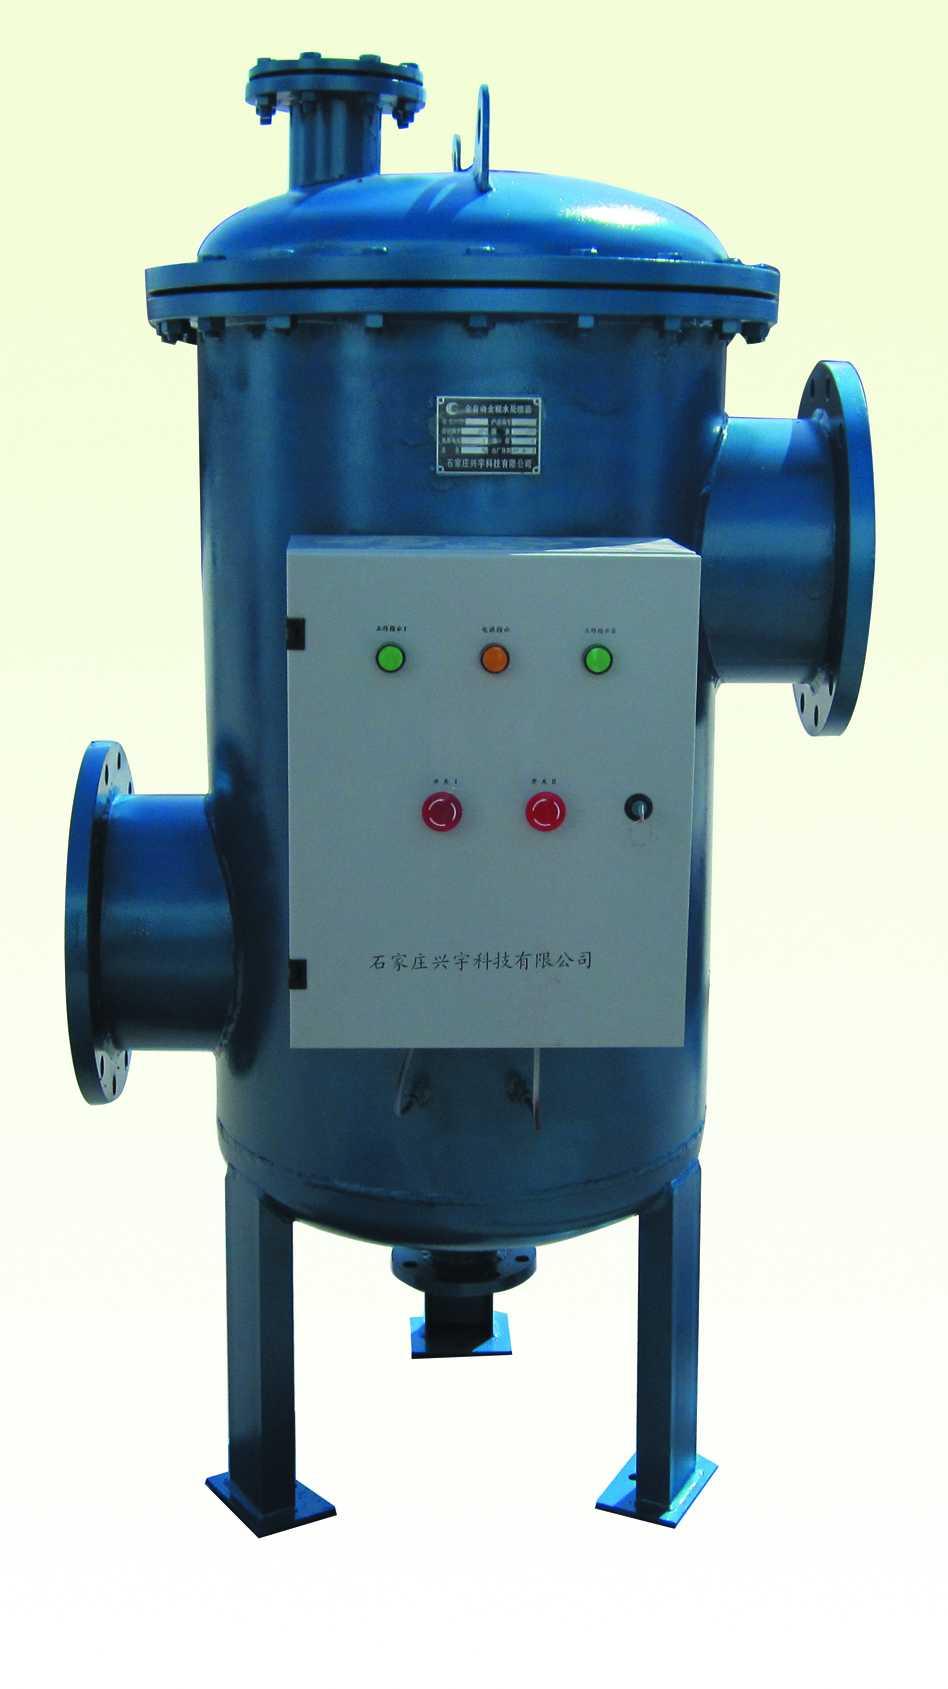 全程综合水处理器|综合水处理设备|石家庄水处理|水处理设备特点